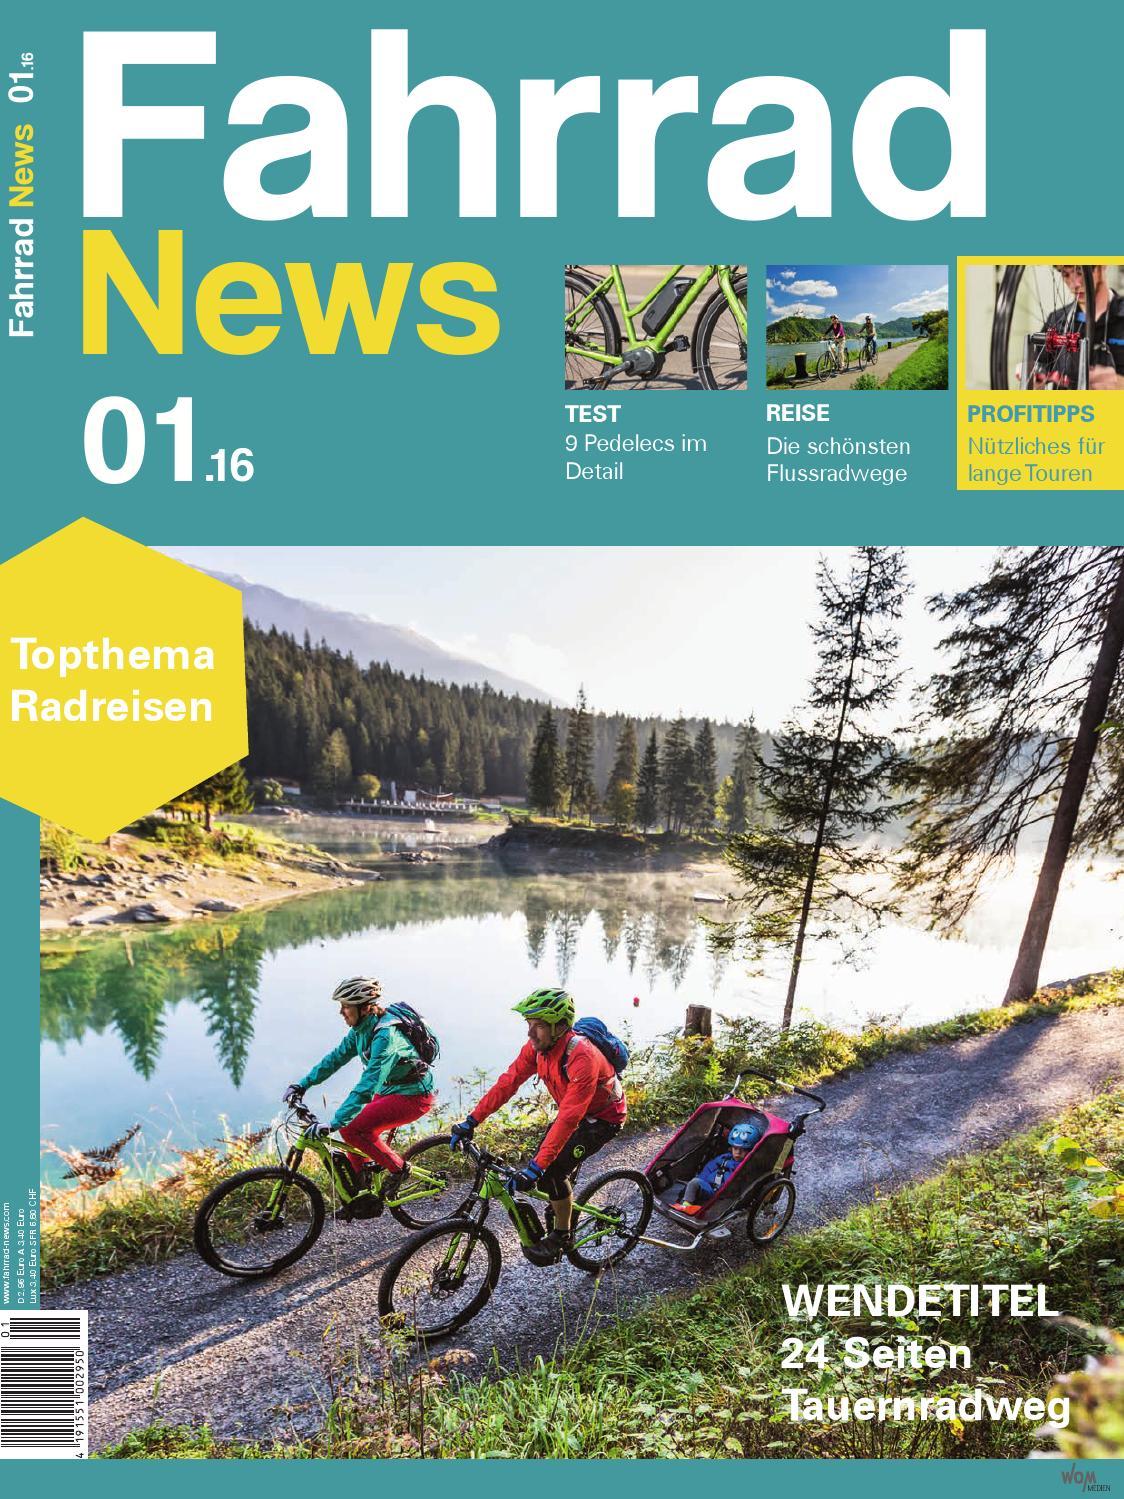 Fahrrad News 01.2016 by WOM Medien - issuu